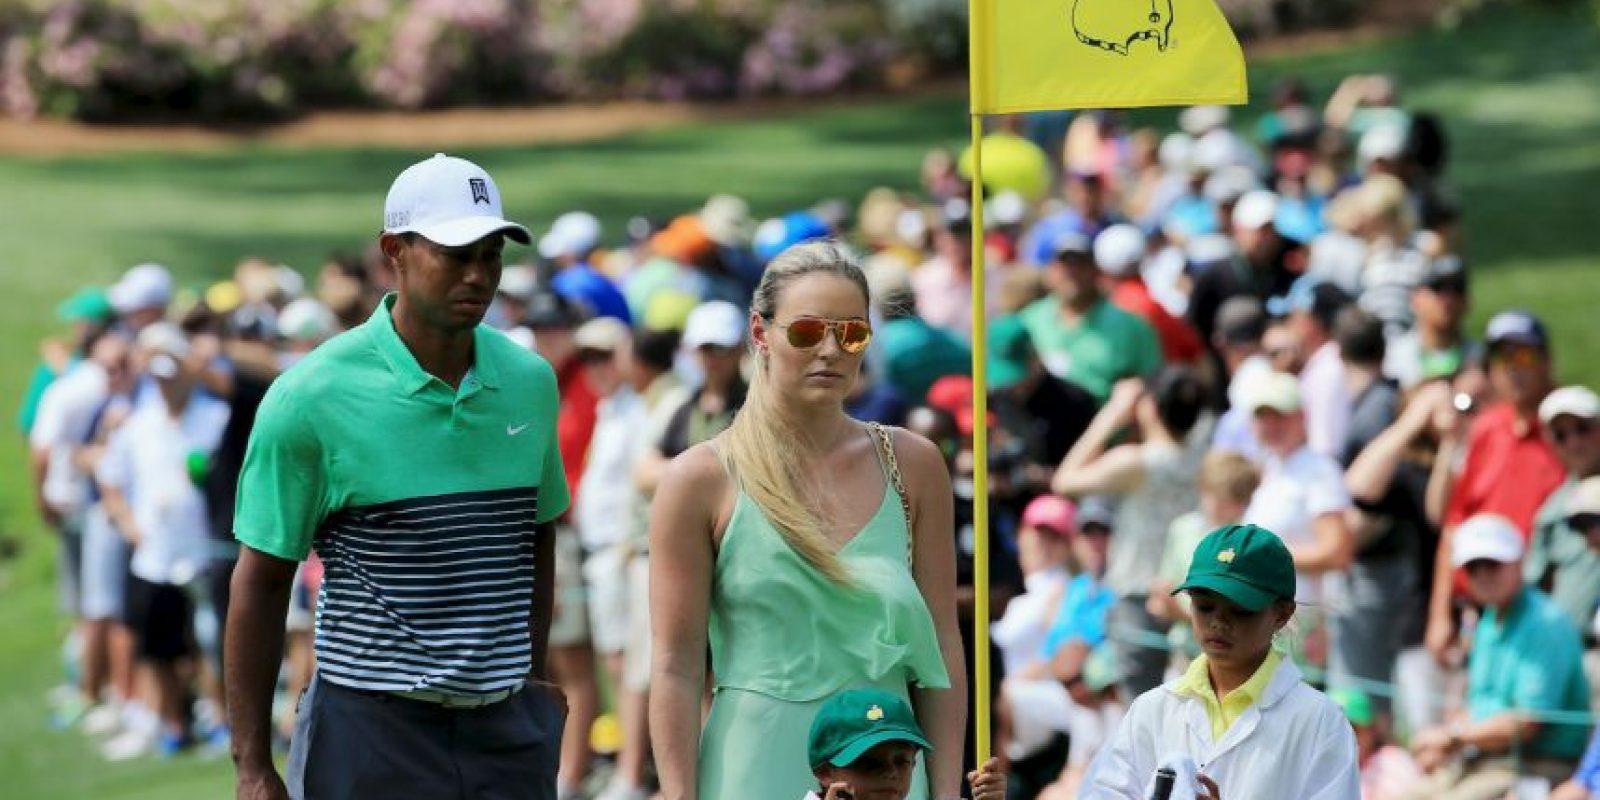 Se acompañaban en sus actividades Foto:Getty Images